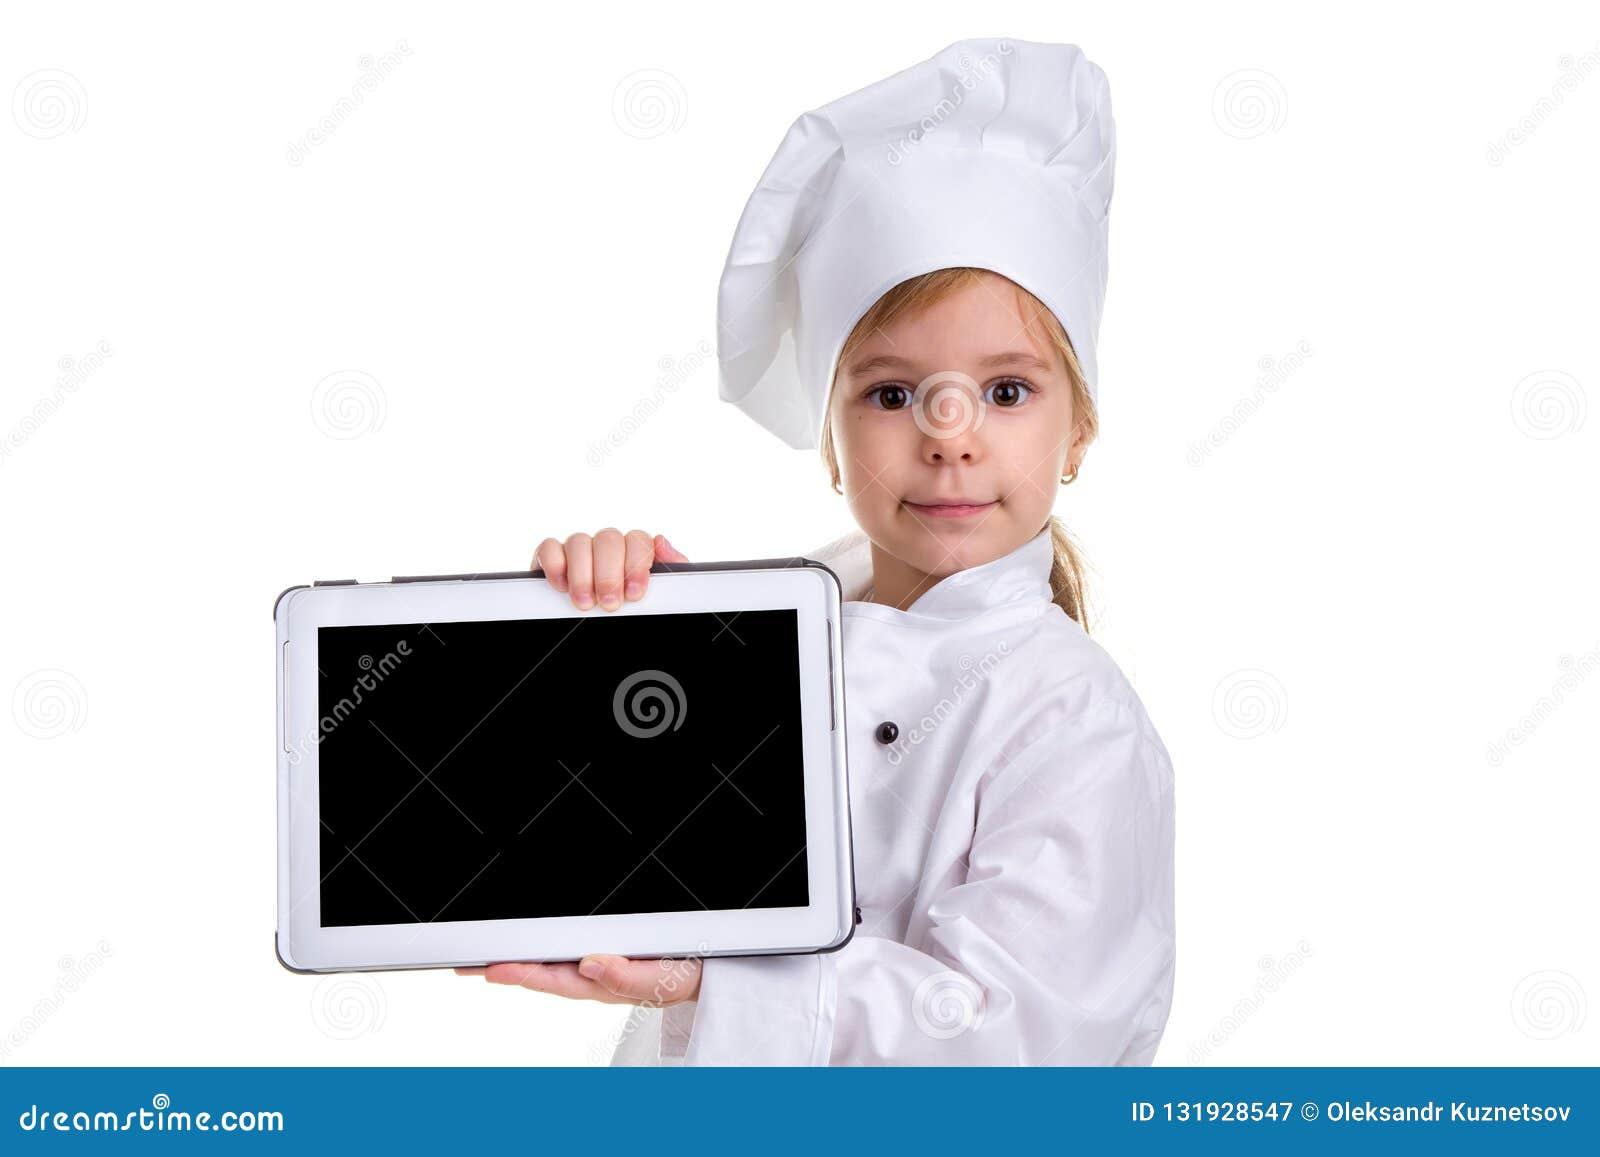 Uniforme branco do cozinheiro chefe da menina isolado no fundo branco Mostrando a tela preta vazia do ipad, olhando a câmera